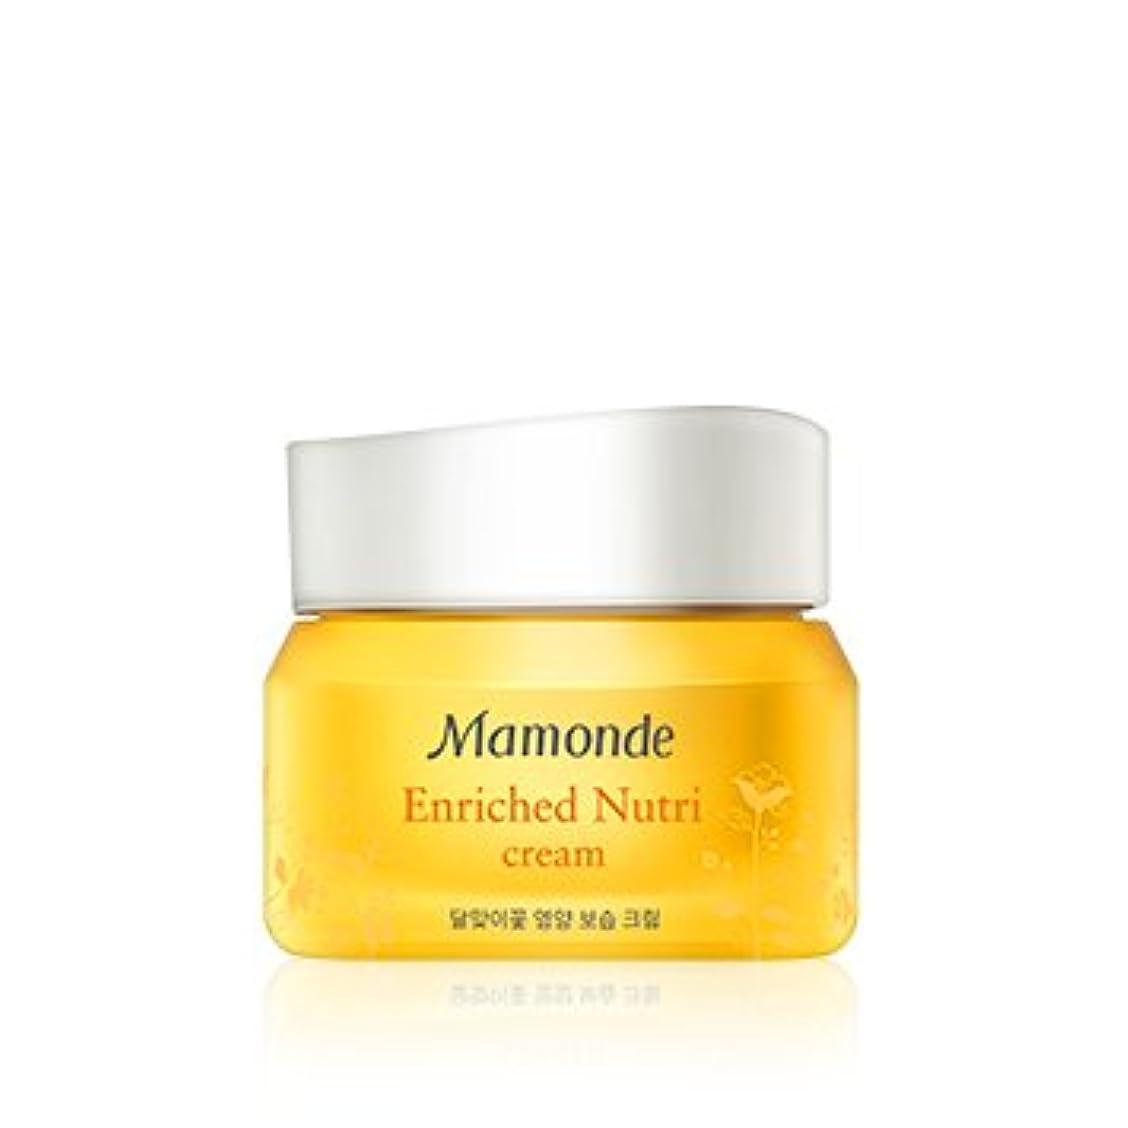 プライバシー聡明奇妙な[New] Mamonde Enriched Nutri Cream 50ml/マモンド エンリッチド ニュートリ クリーム 50ml [並行輸入品]